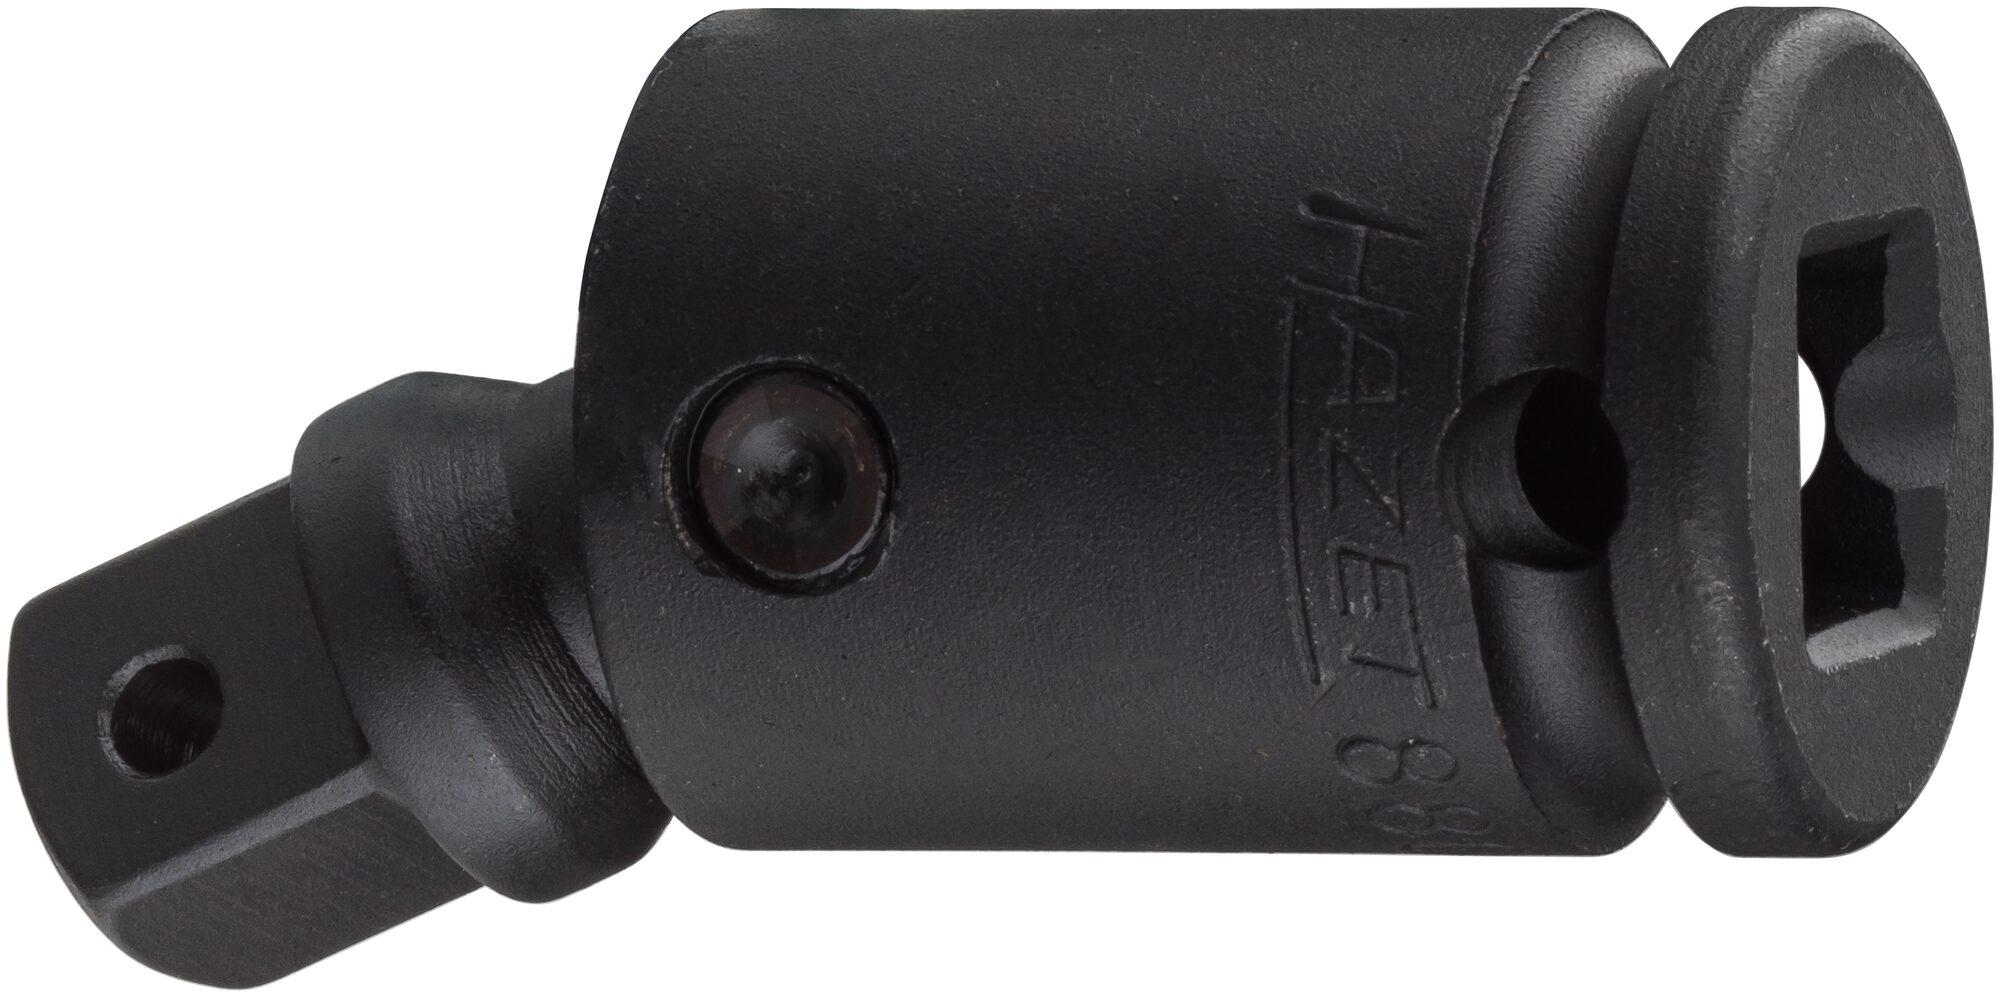 HAZET Schlag- ∙ Maschinenschrauber Gelenkstück 8806S ∙ Vierkant hohl 10 mm (3/8 Zoll) ∙ Vierkant massiv 10 mm (3/8 Zoll)